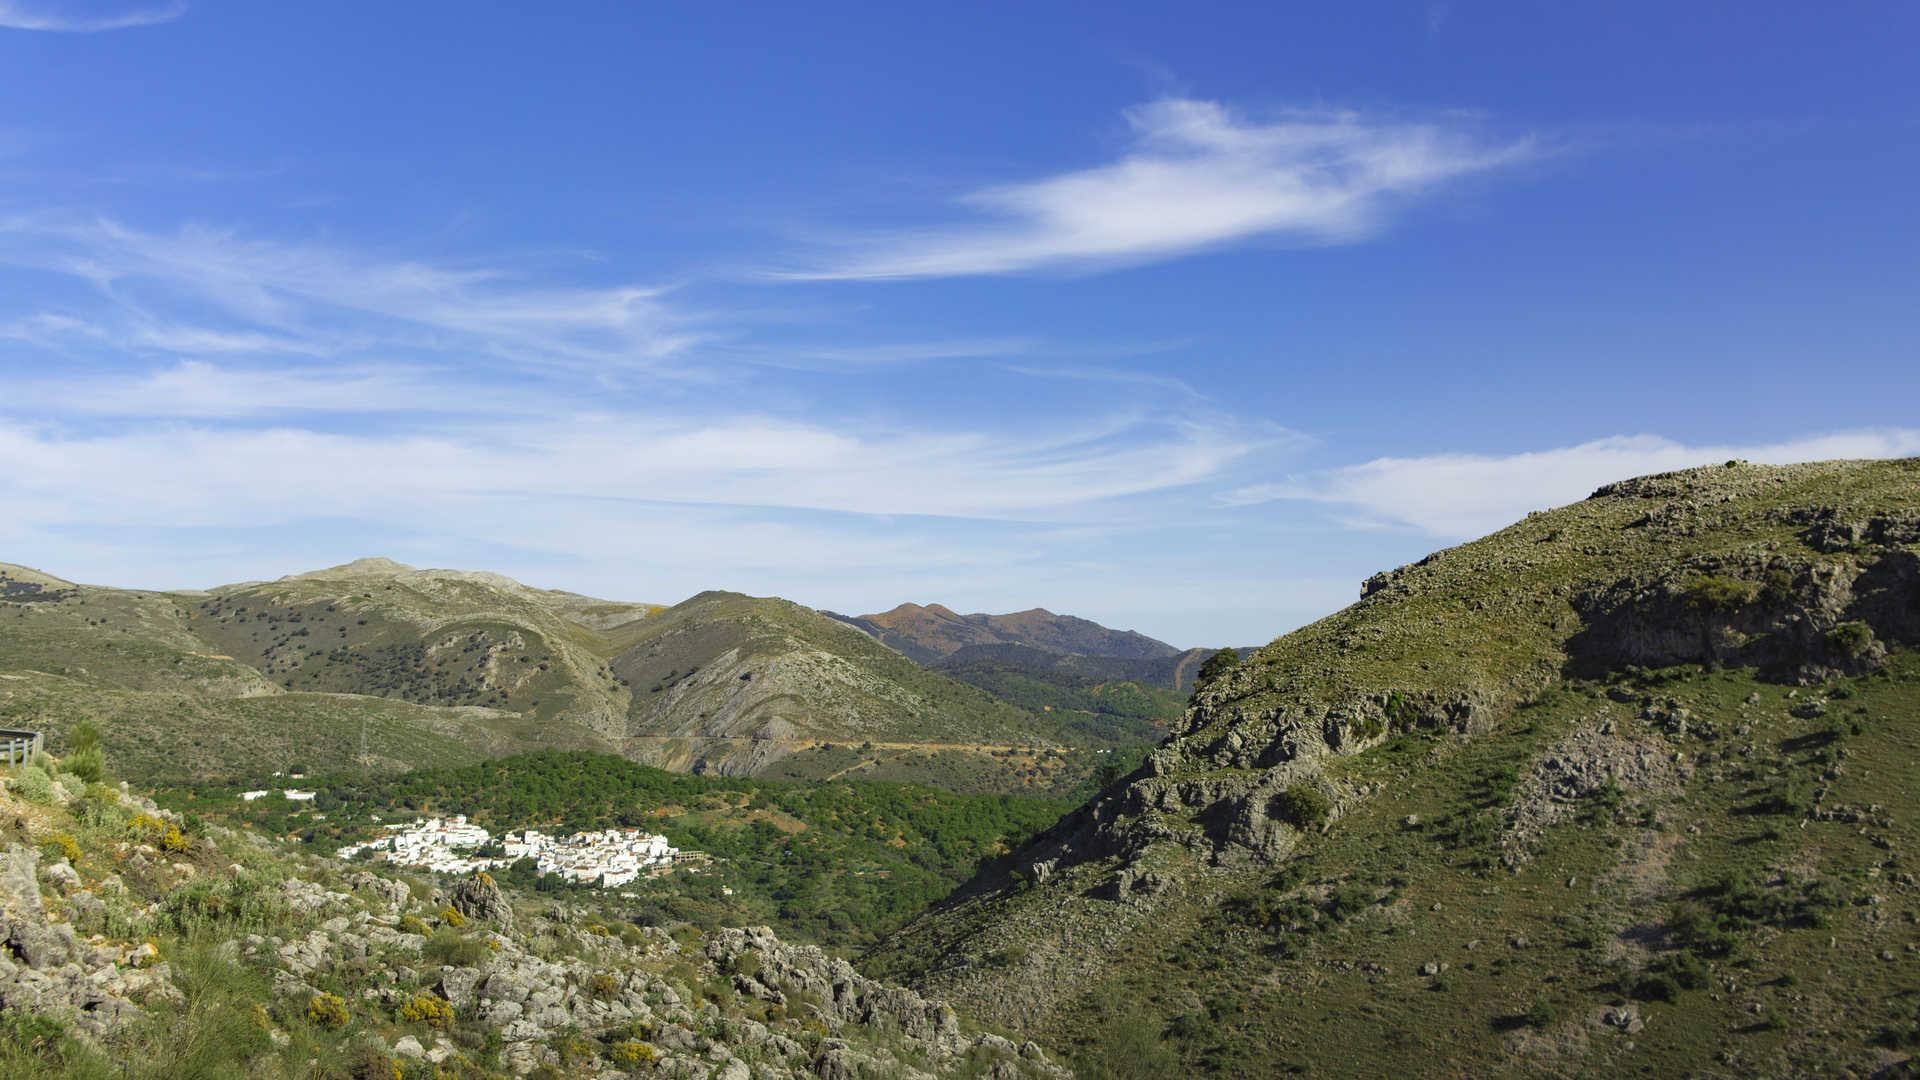 Serranía de Ronda/Valle del Genal